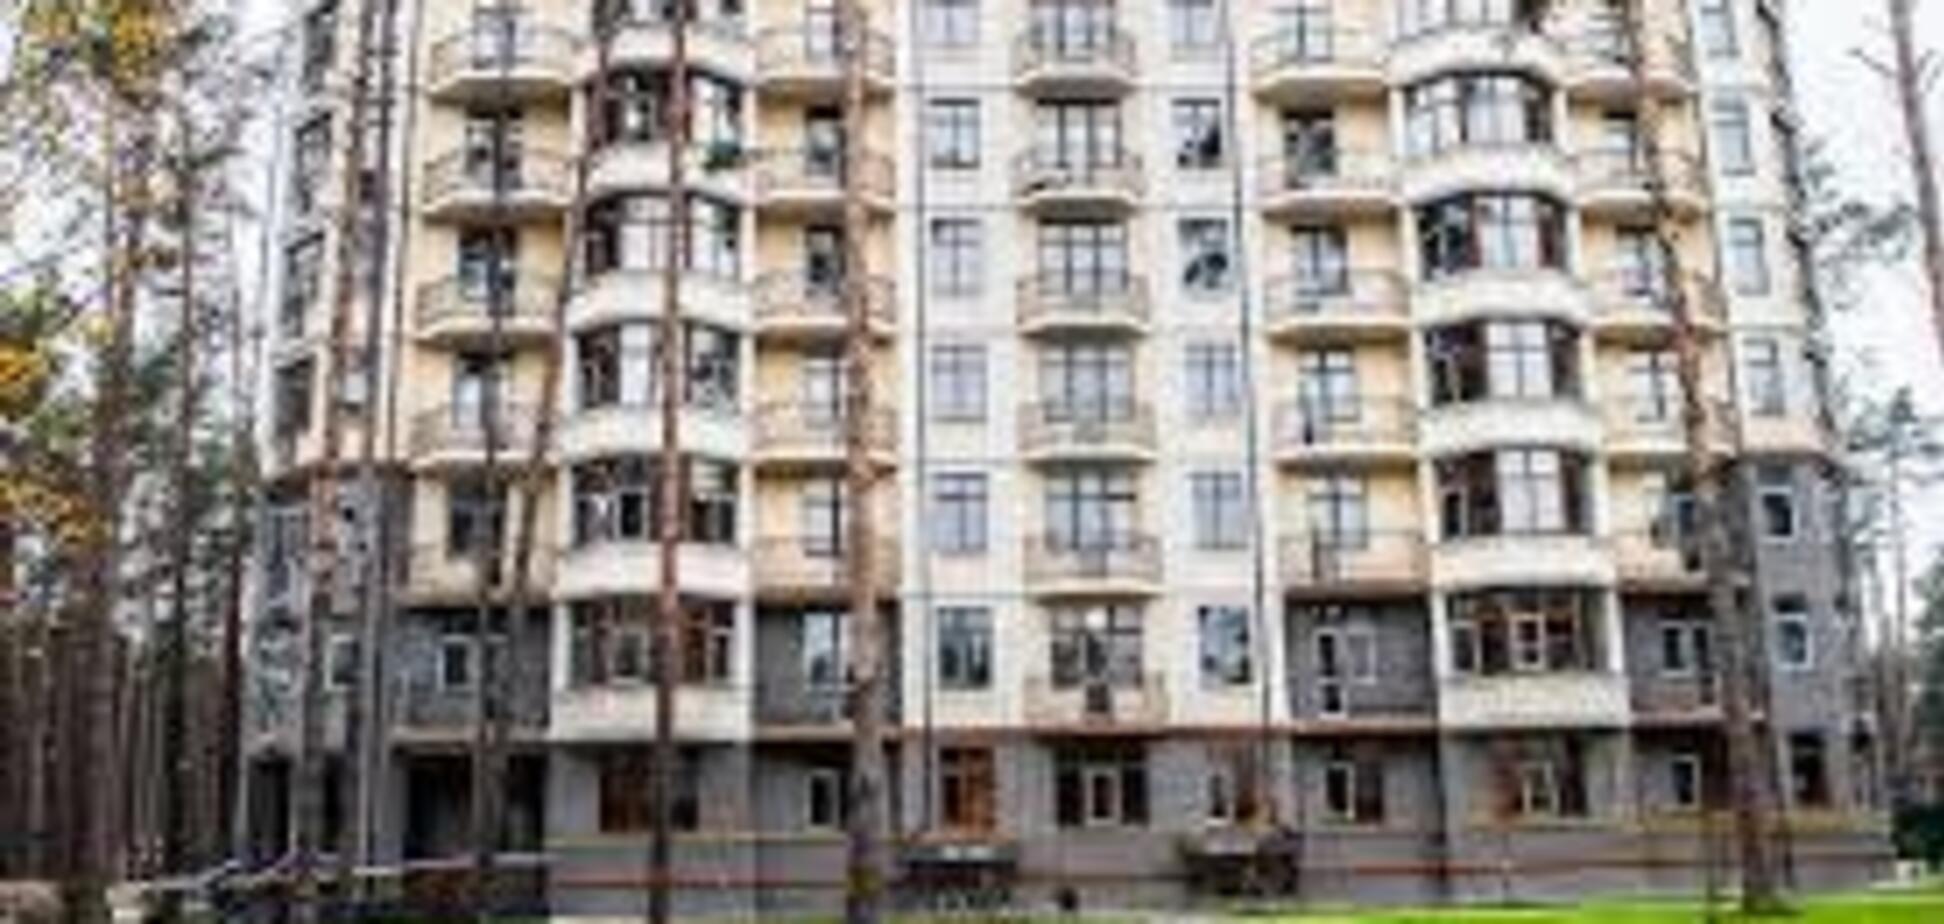 'Прекрасно все!' Вид трансформаторной будки под Киевом удивил украинцев